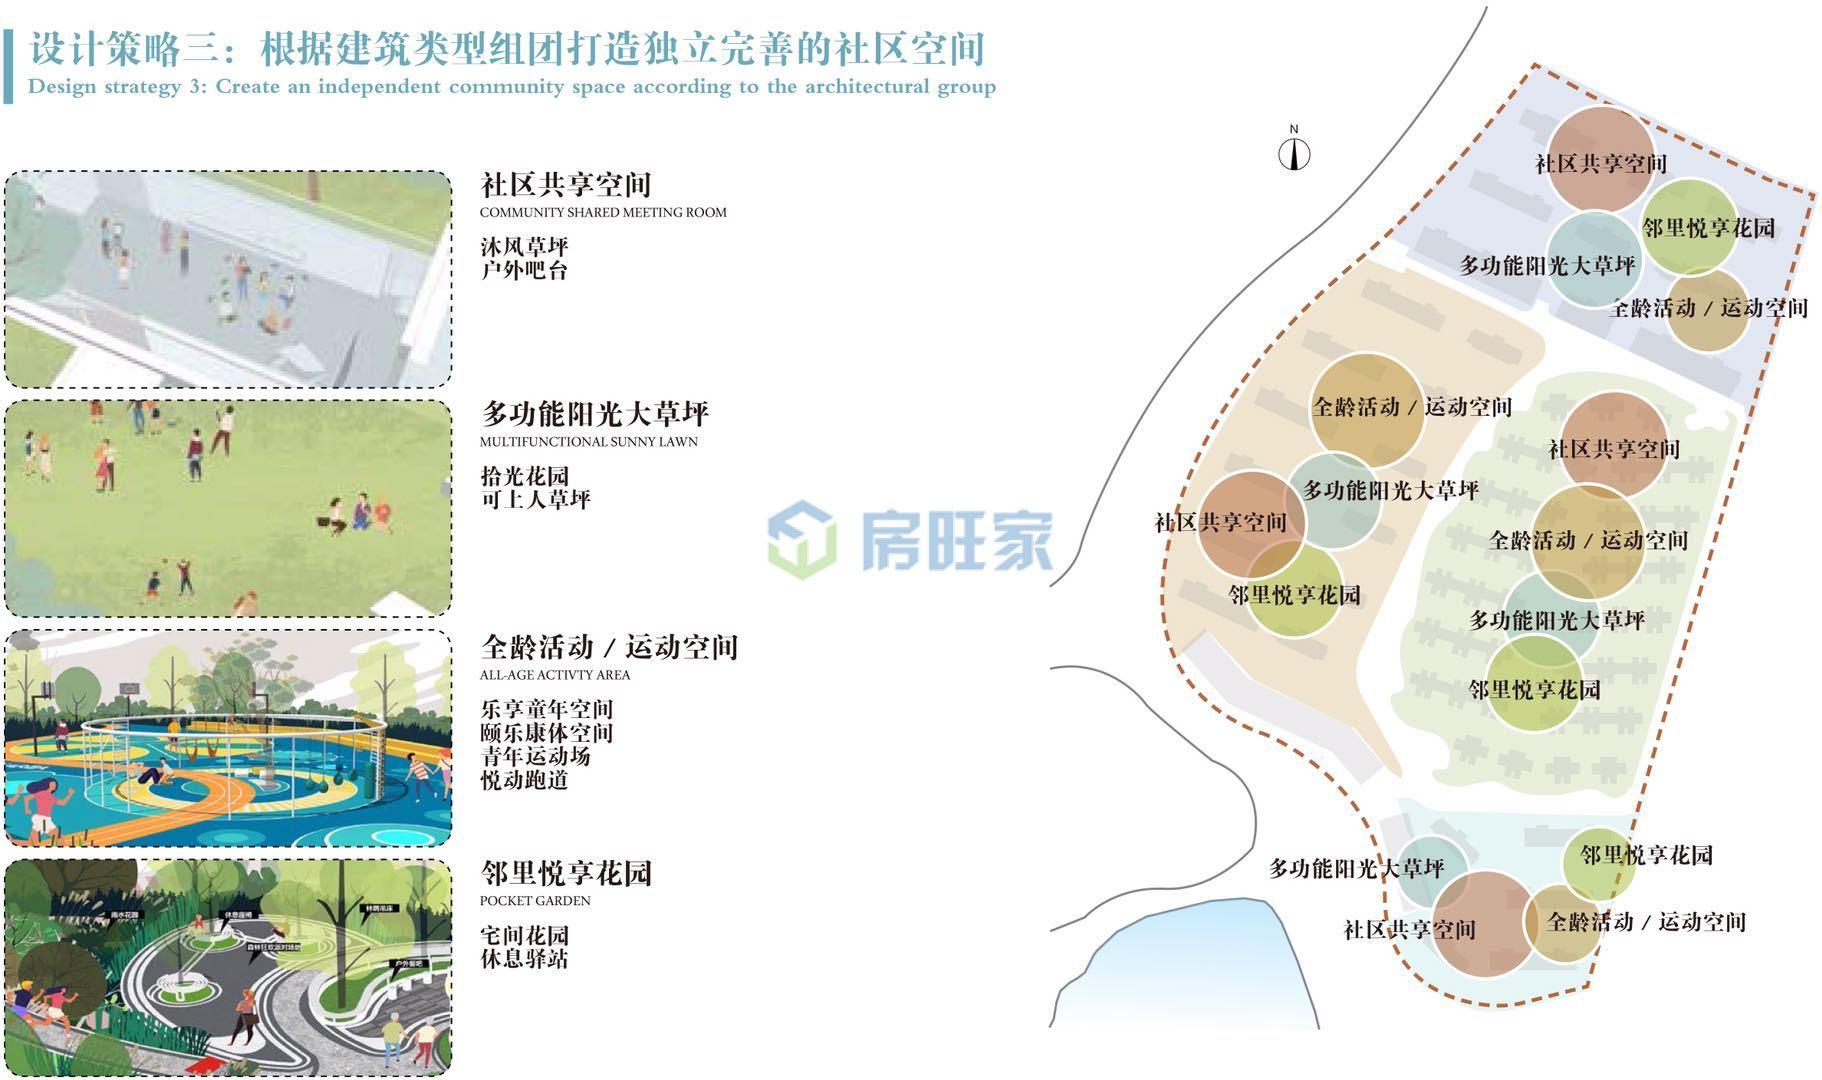 鸿基湖畔新城设计策略三